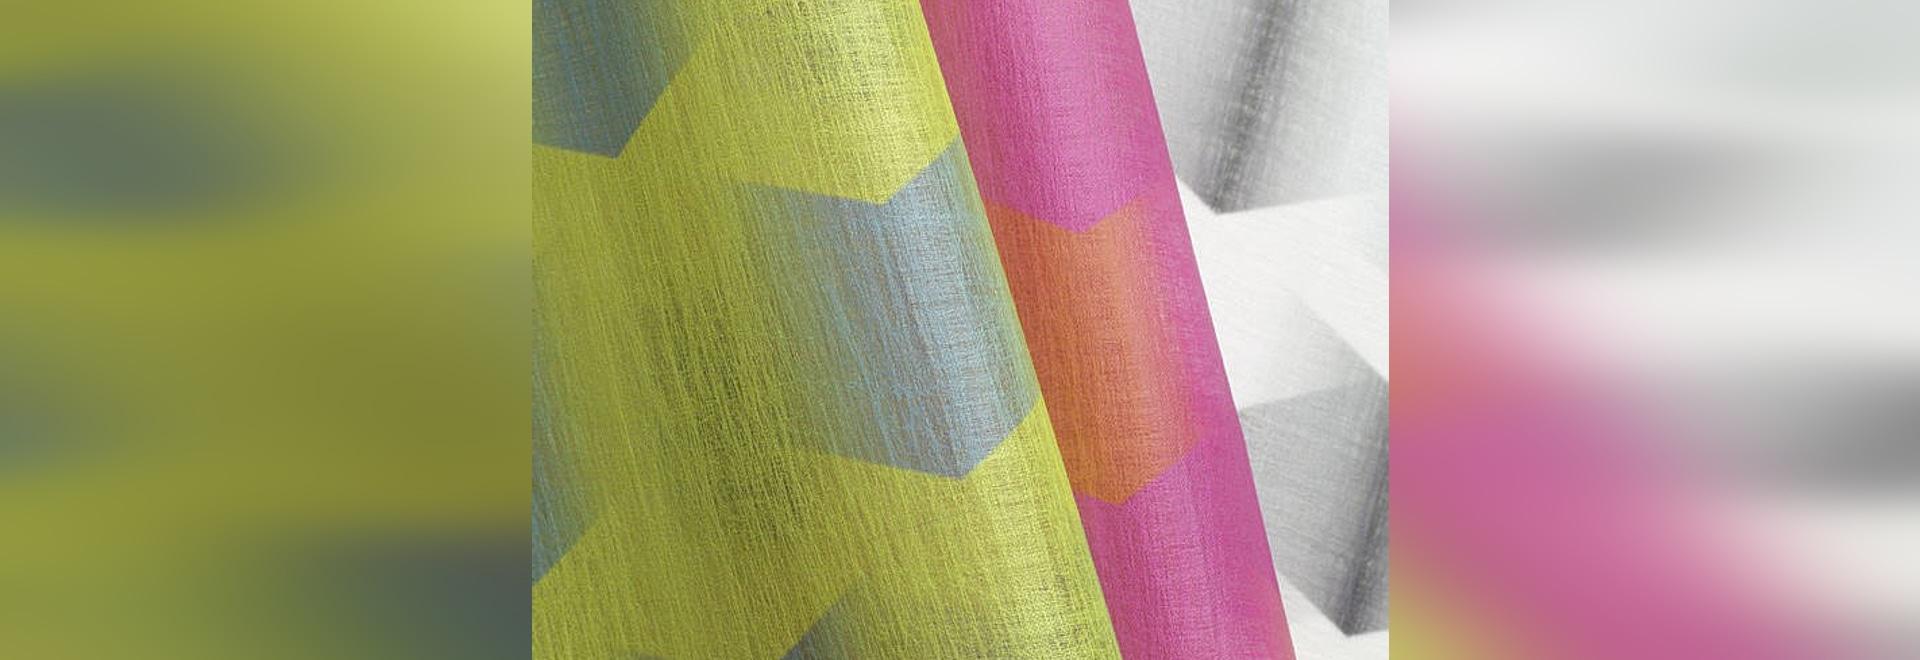 Nya Nordiska once again receives Red Dot Design Award